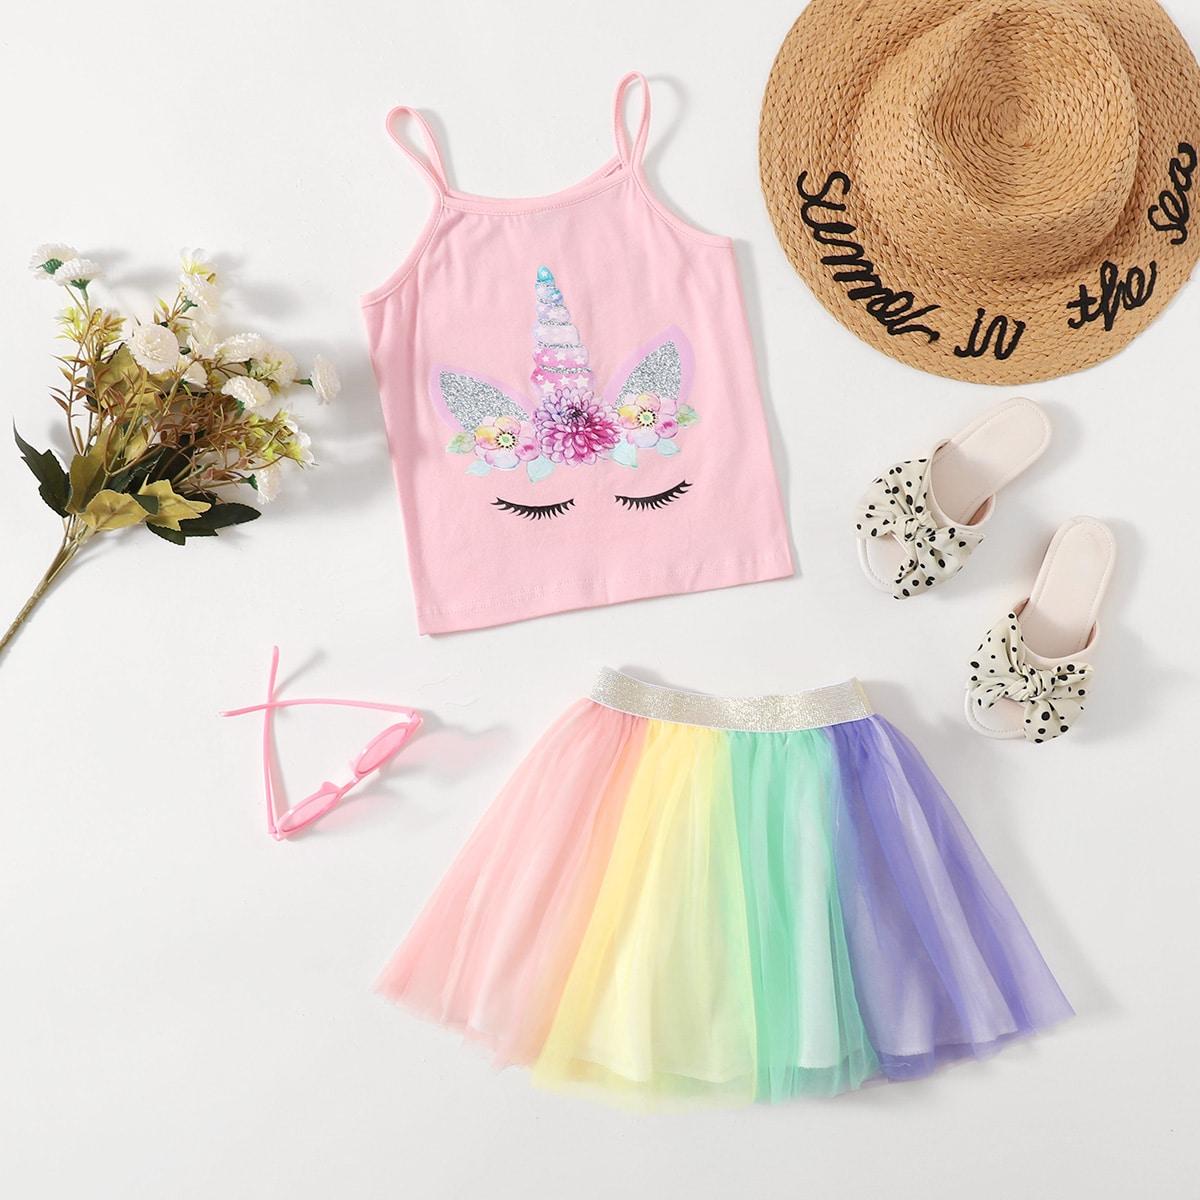 Toddler Girls Unicorn Print Cami Top With Tutu Skirt